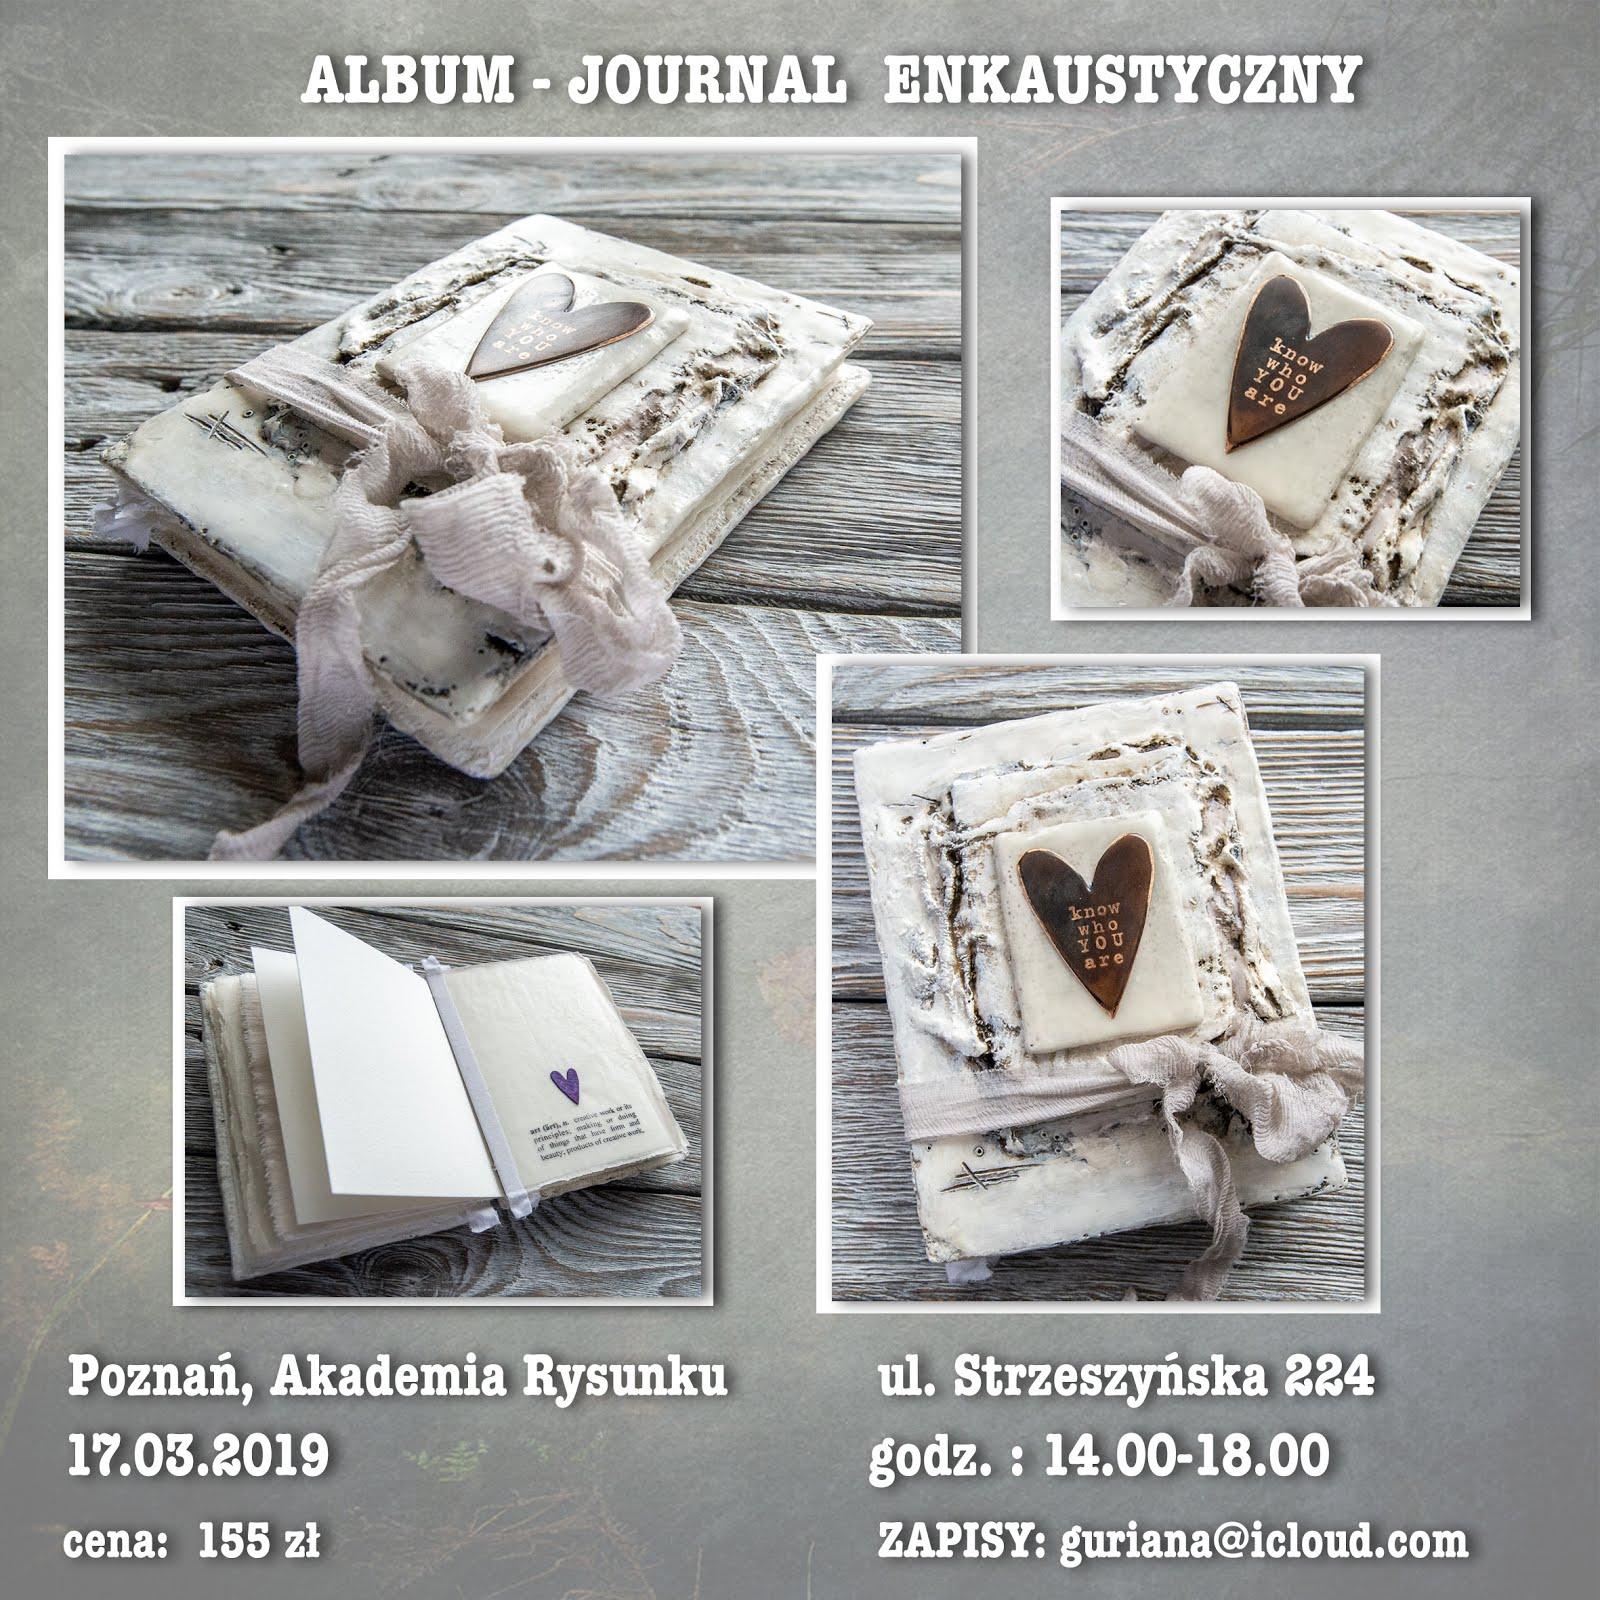 Poznań Journal-album enkaustyczny